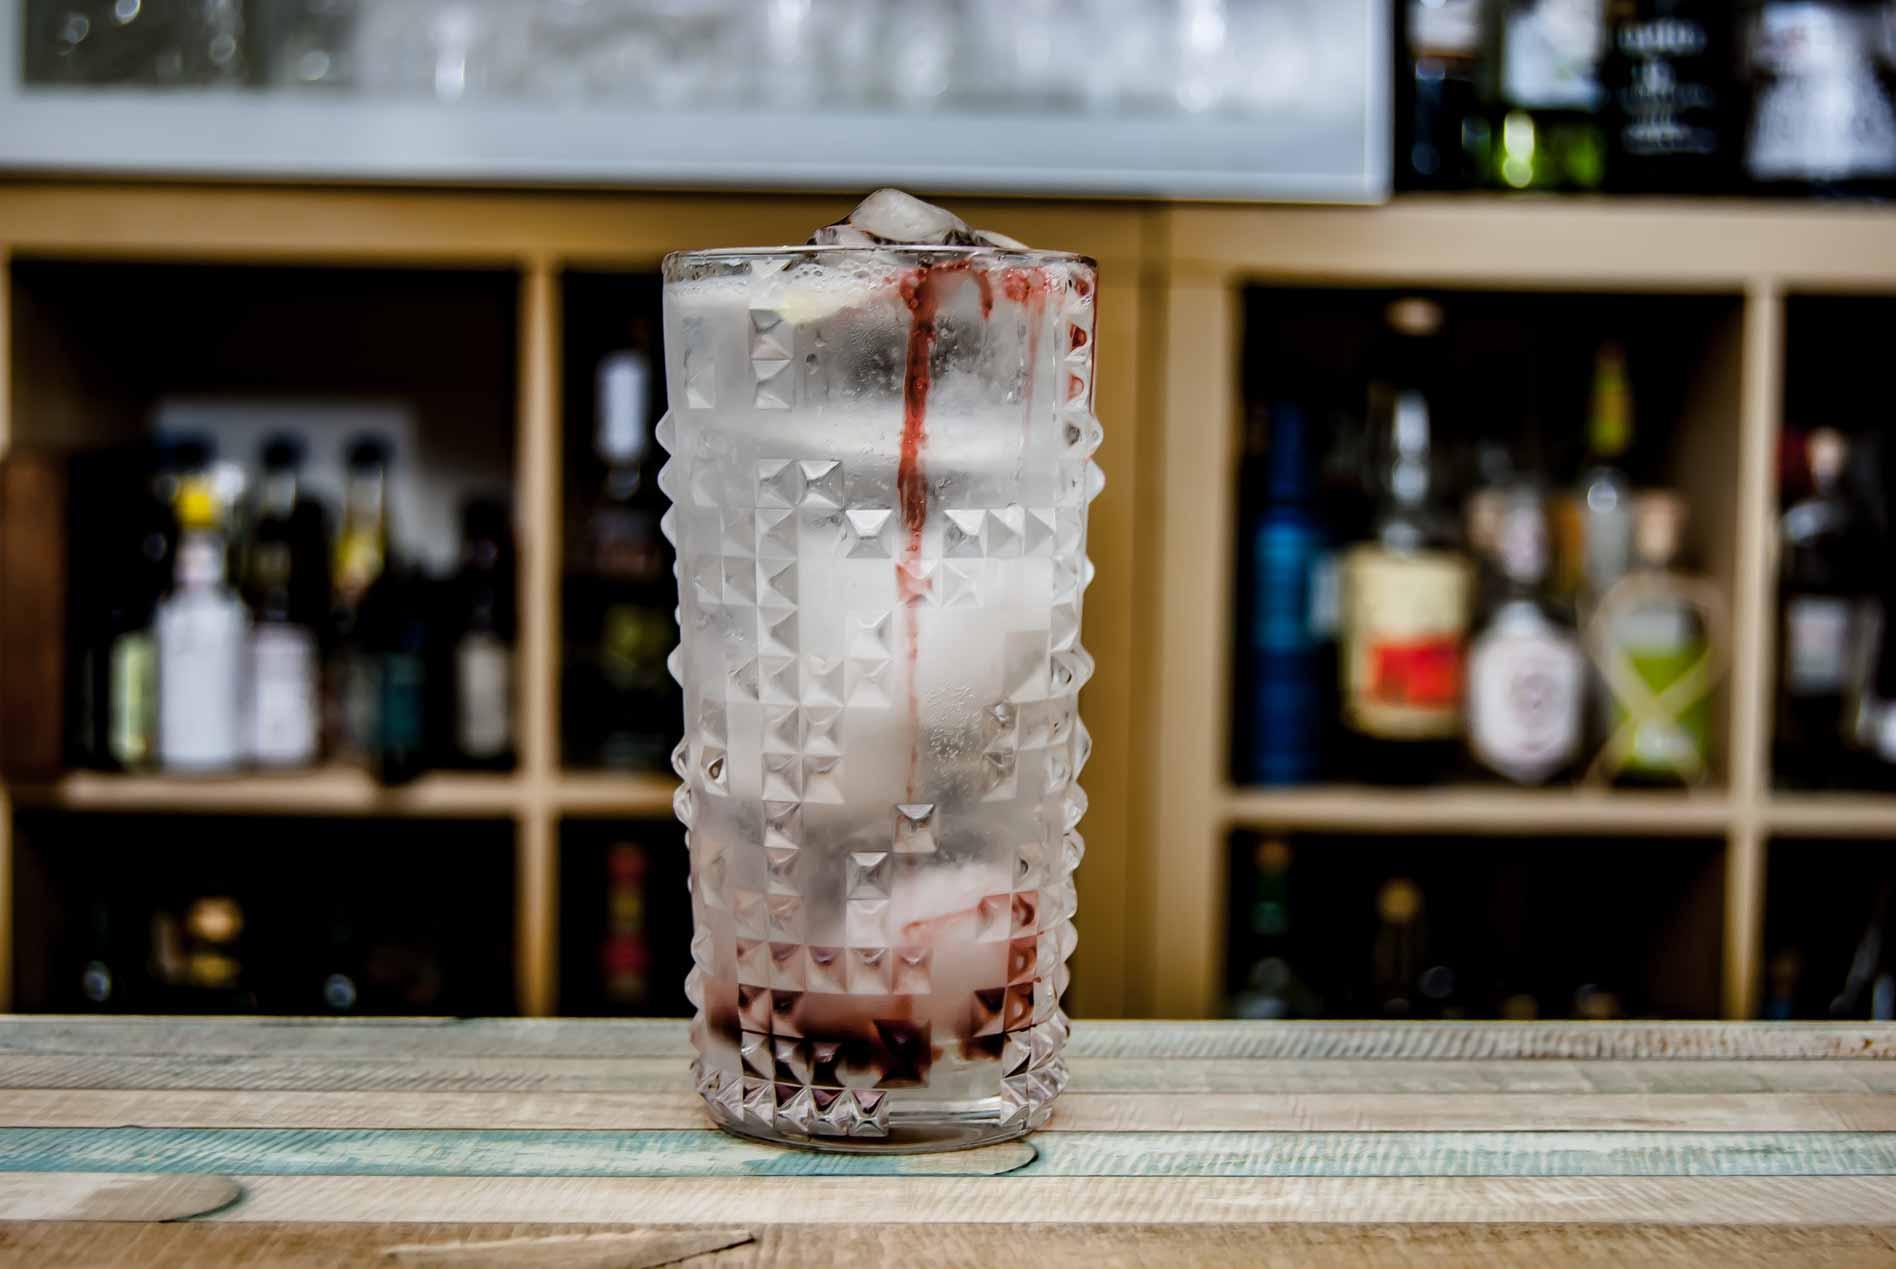 Ein klassischer Gin Fizz mit einer Marschinokirsche nebst Saft als Garnitur.